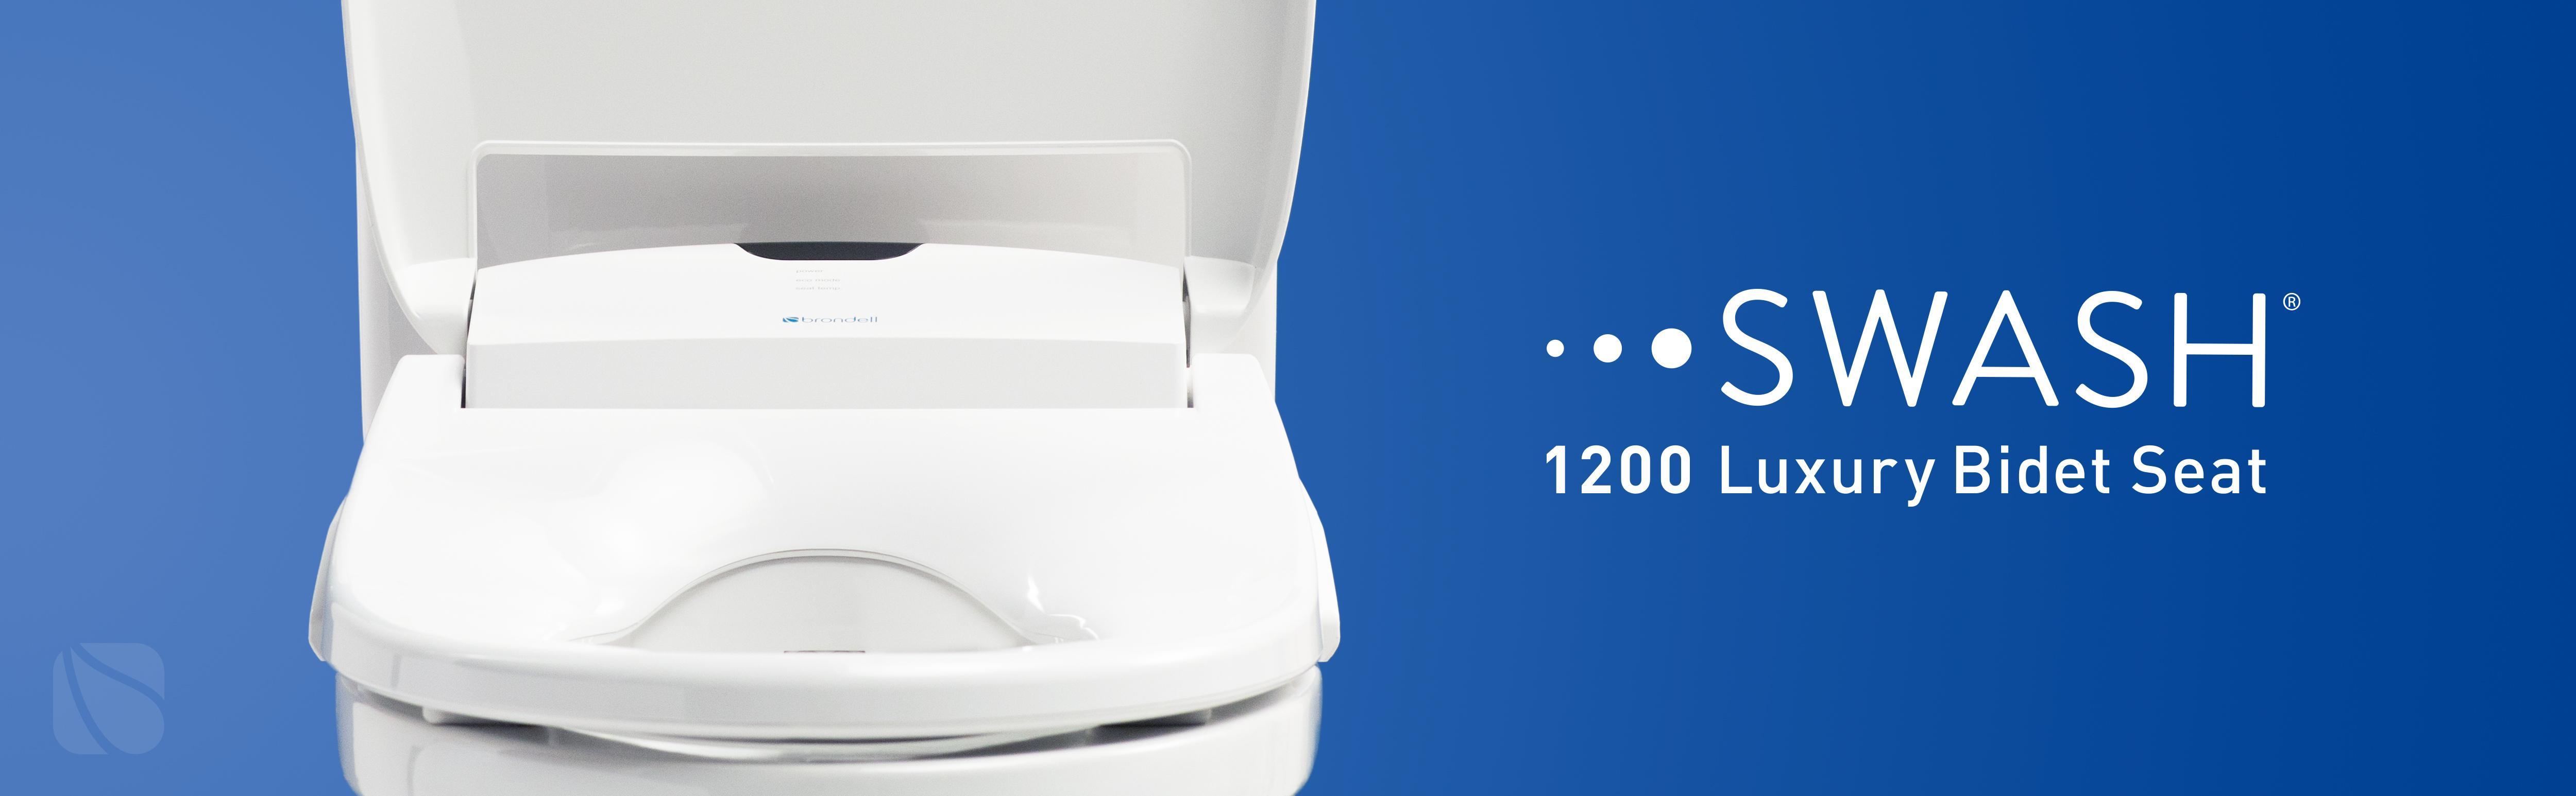 Brondell Swash 1200 Luxury Bidet Toilet Seat In Elongated